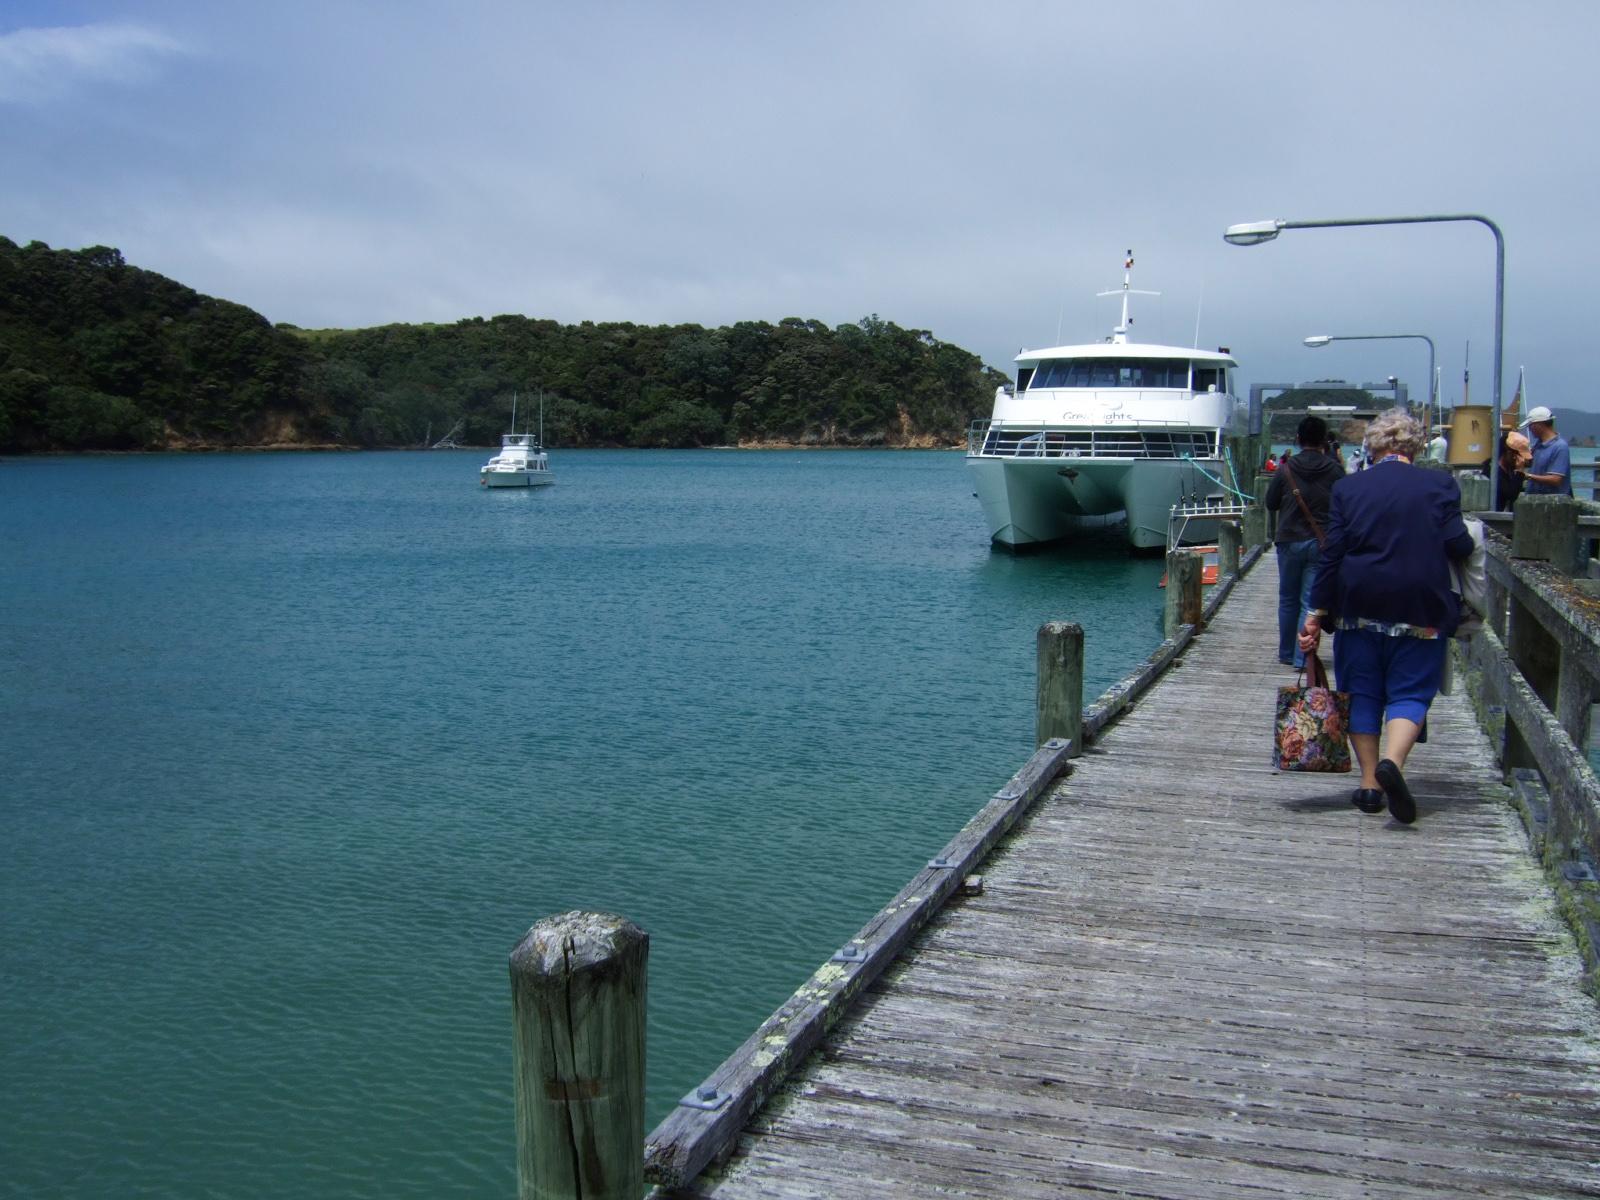 ウルプカプカ島,桟橋,遊覧船,NZ〈著作権フリー無料画像〉Free Stock Photos